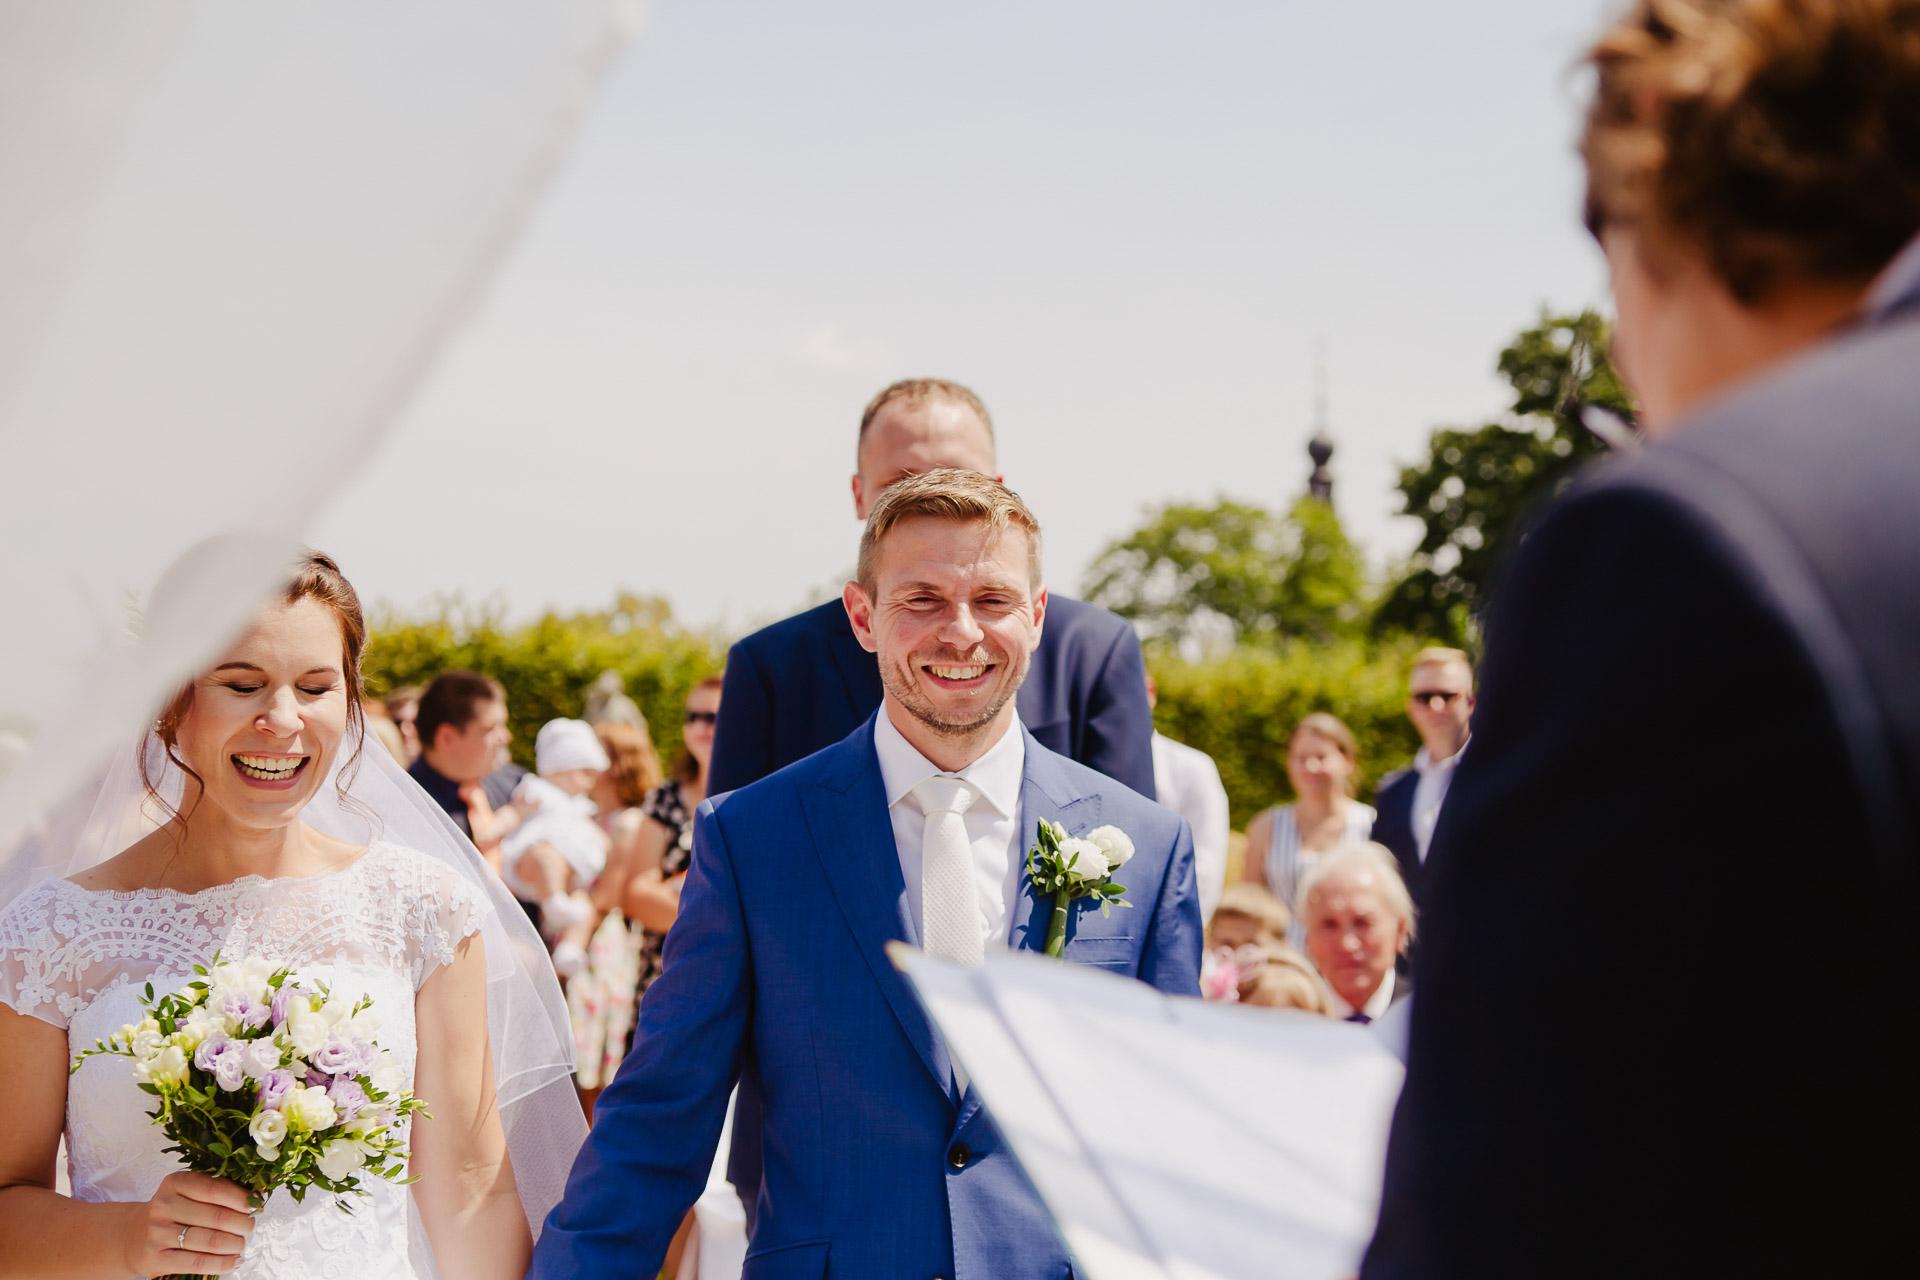 příprava-svatebního-obřadu-Lysá-nad-Labem-svatební-agentura-Svatbavenku-34